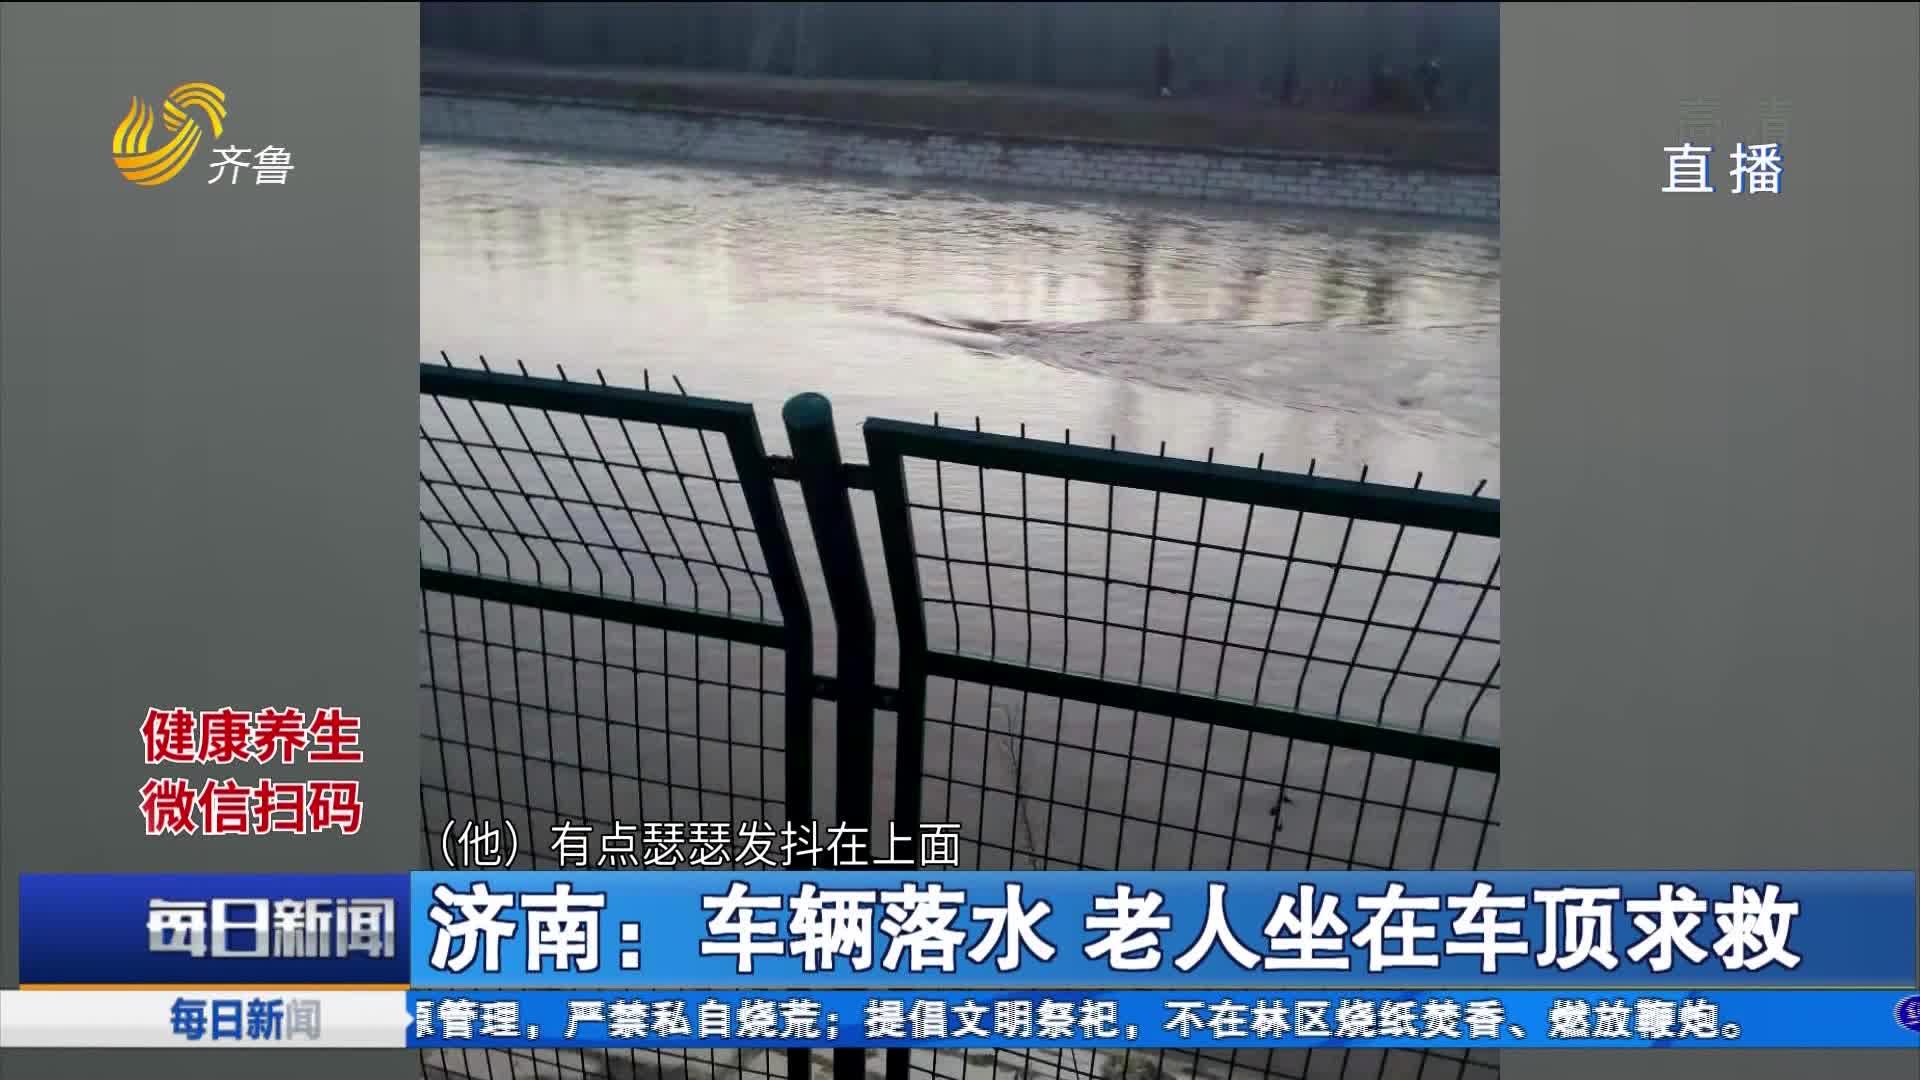 济南:车辆落水 老人坐在车顶求救